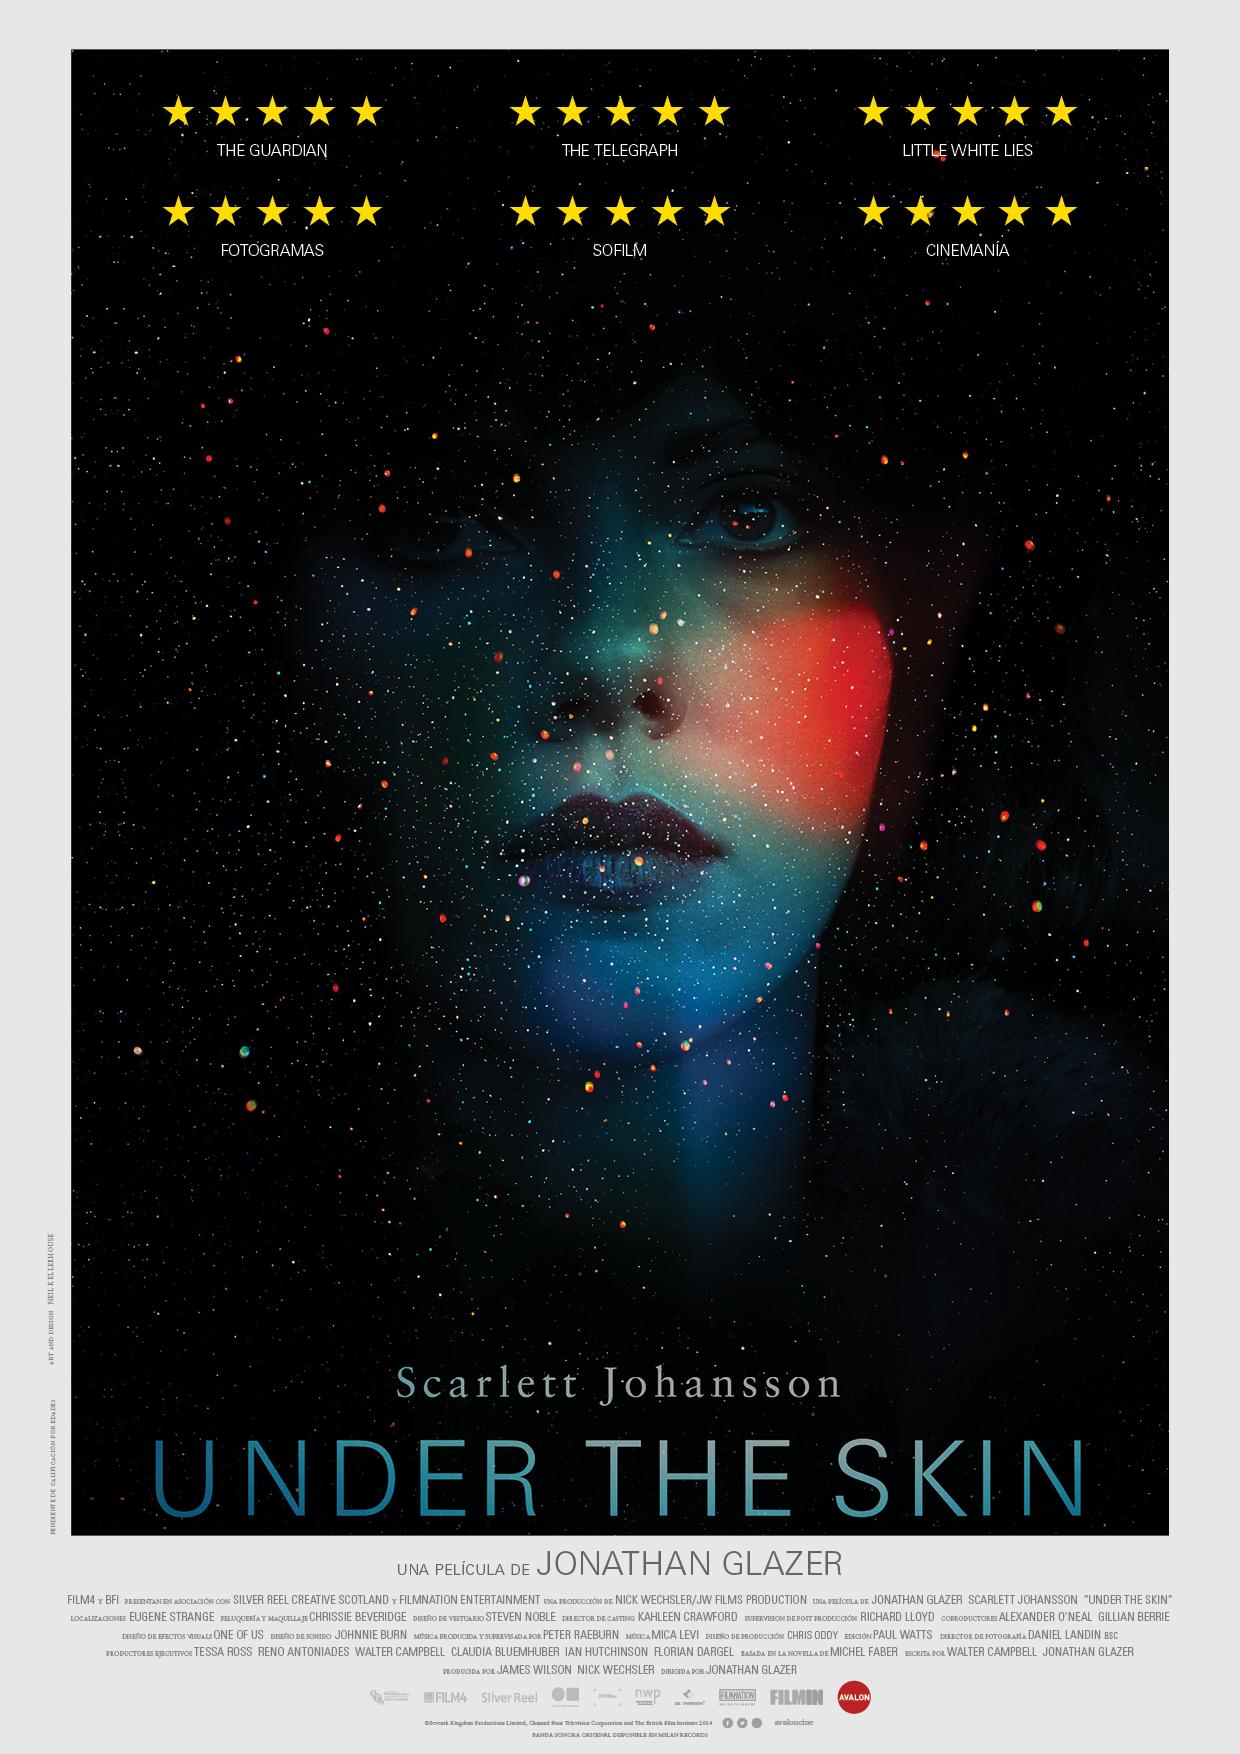 'Under the skin': ¿Quiénes somos?